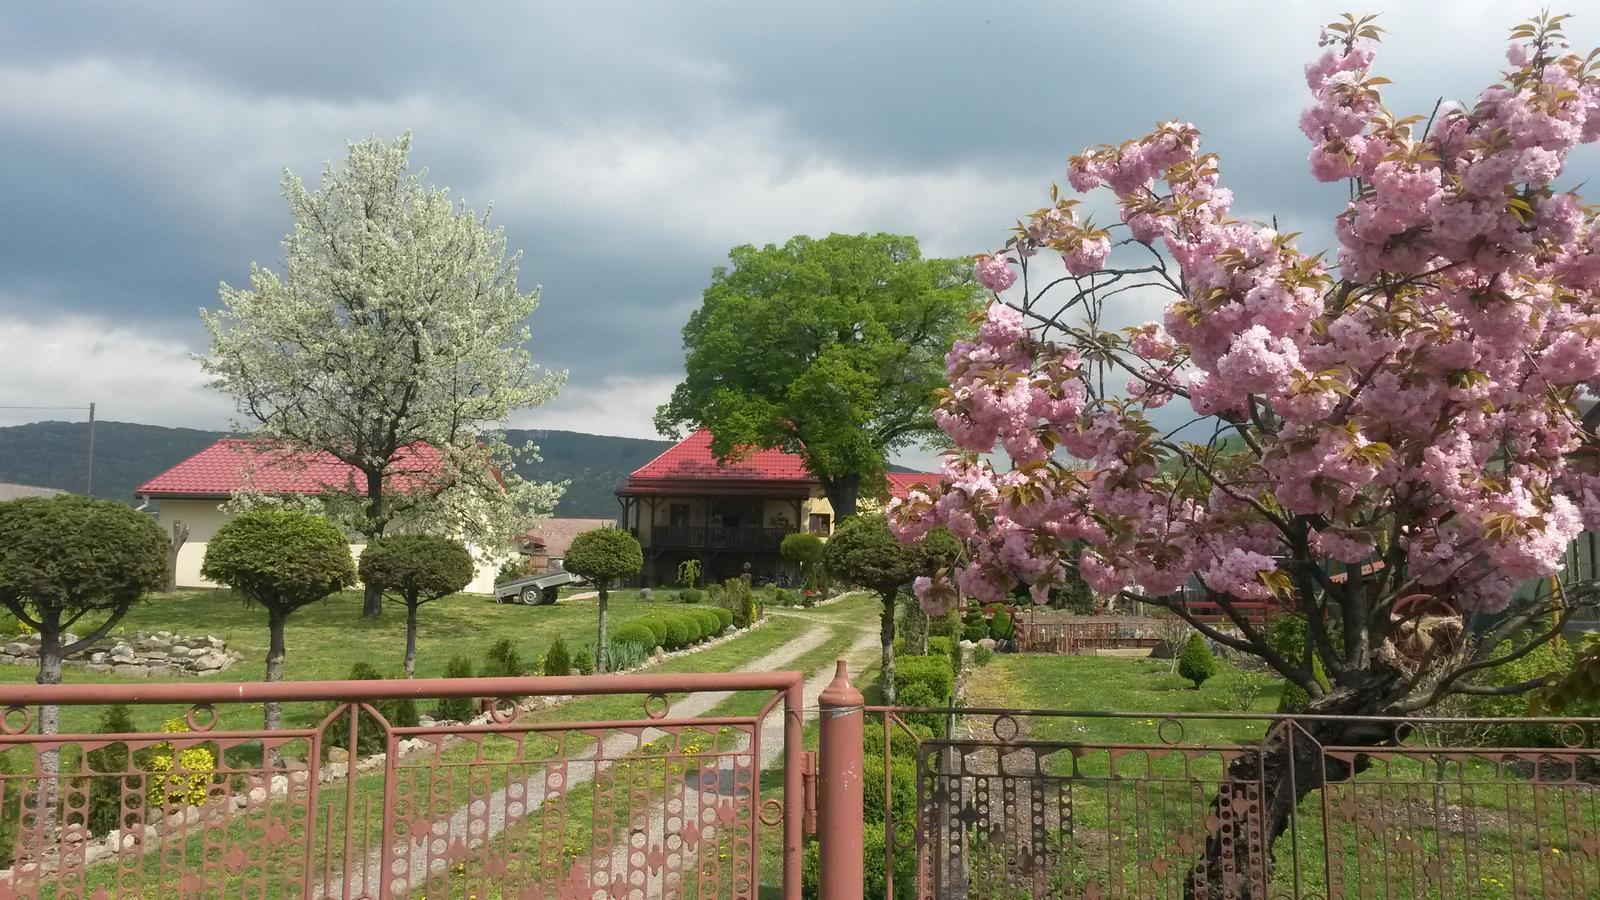 Konečne bývame :D - milujem jarne prebudzanie stromov